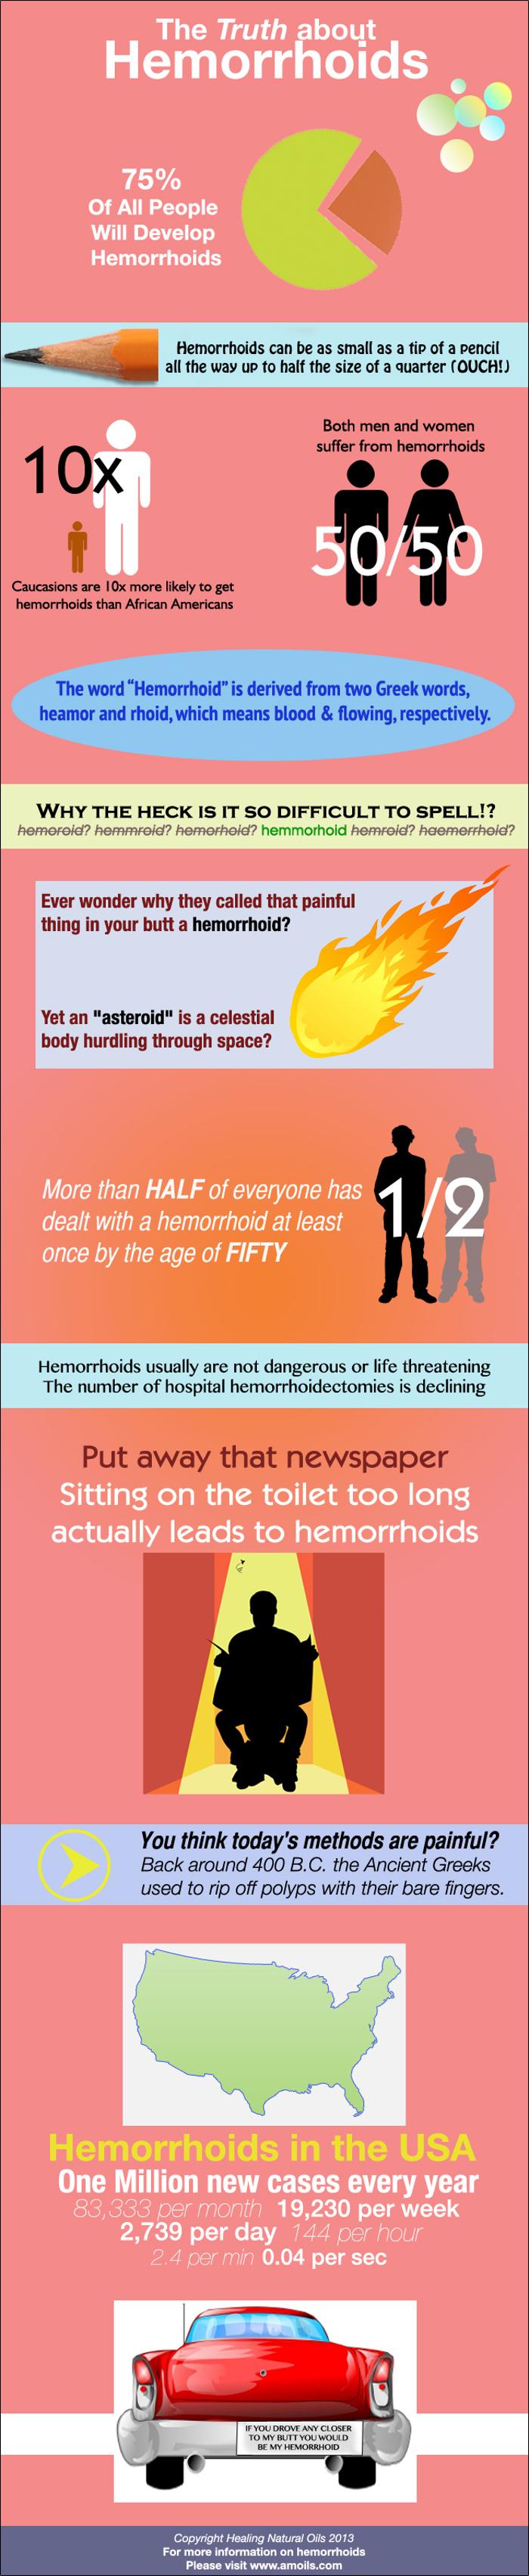 Hemmorrhoid Facts